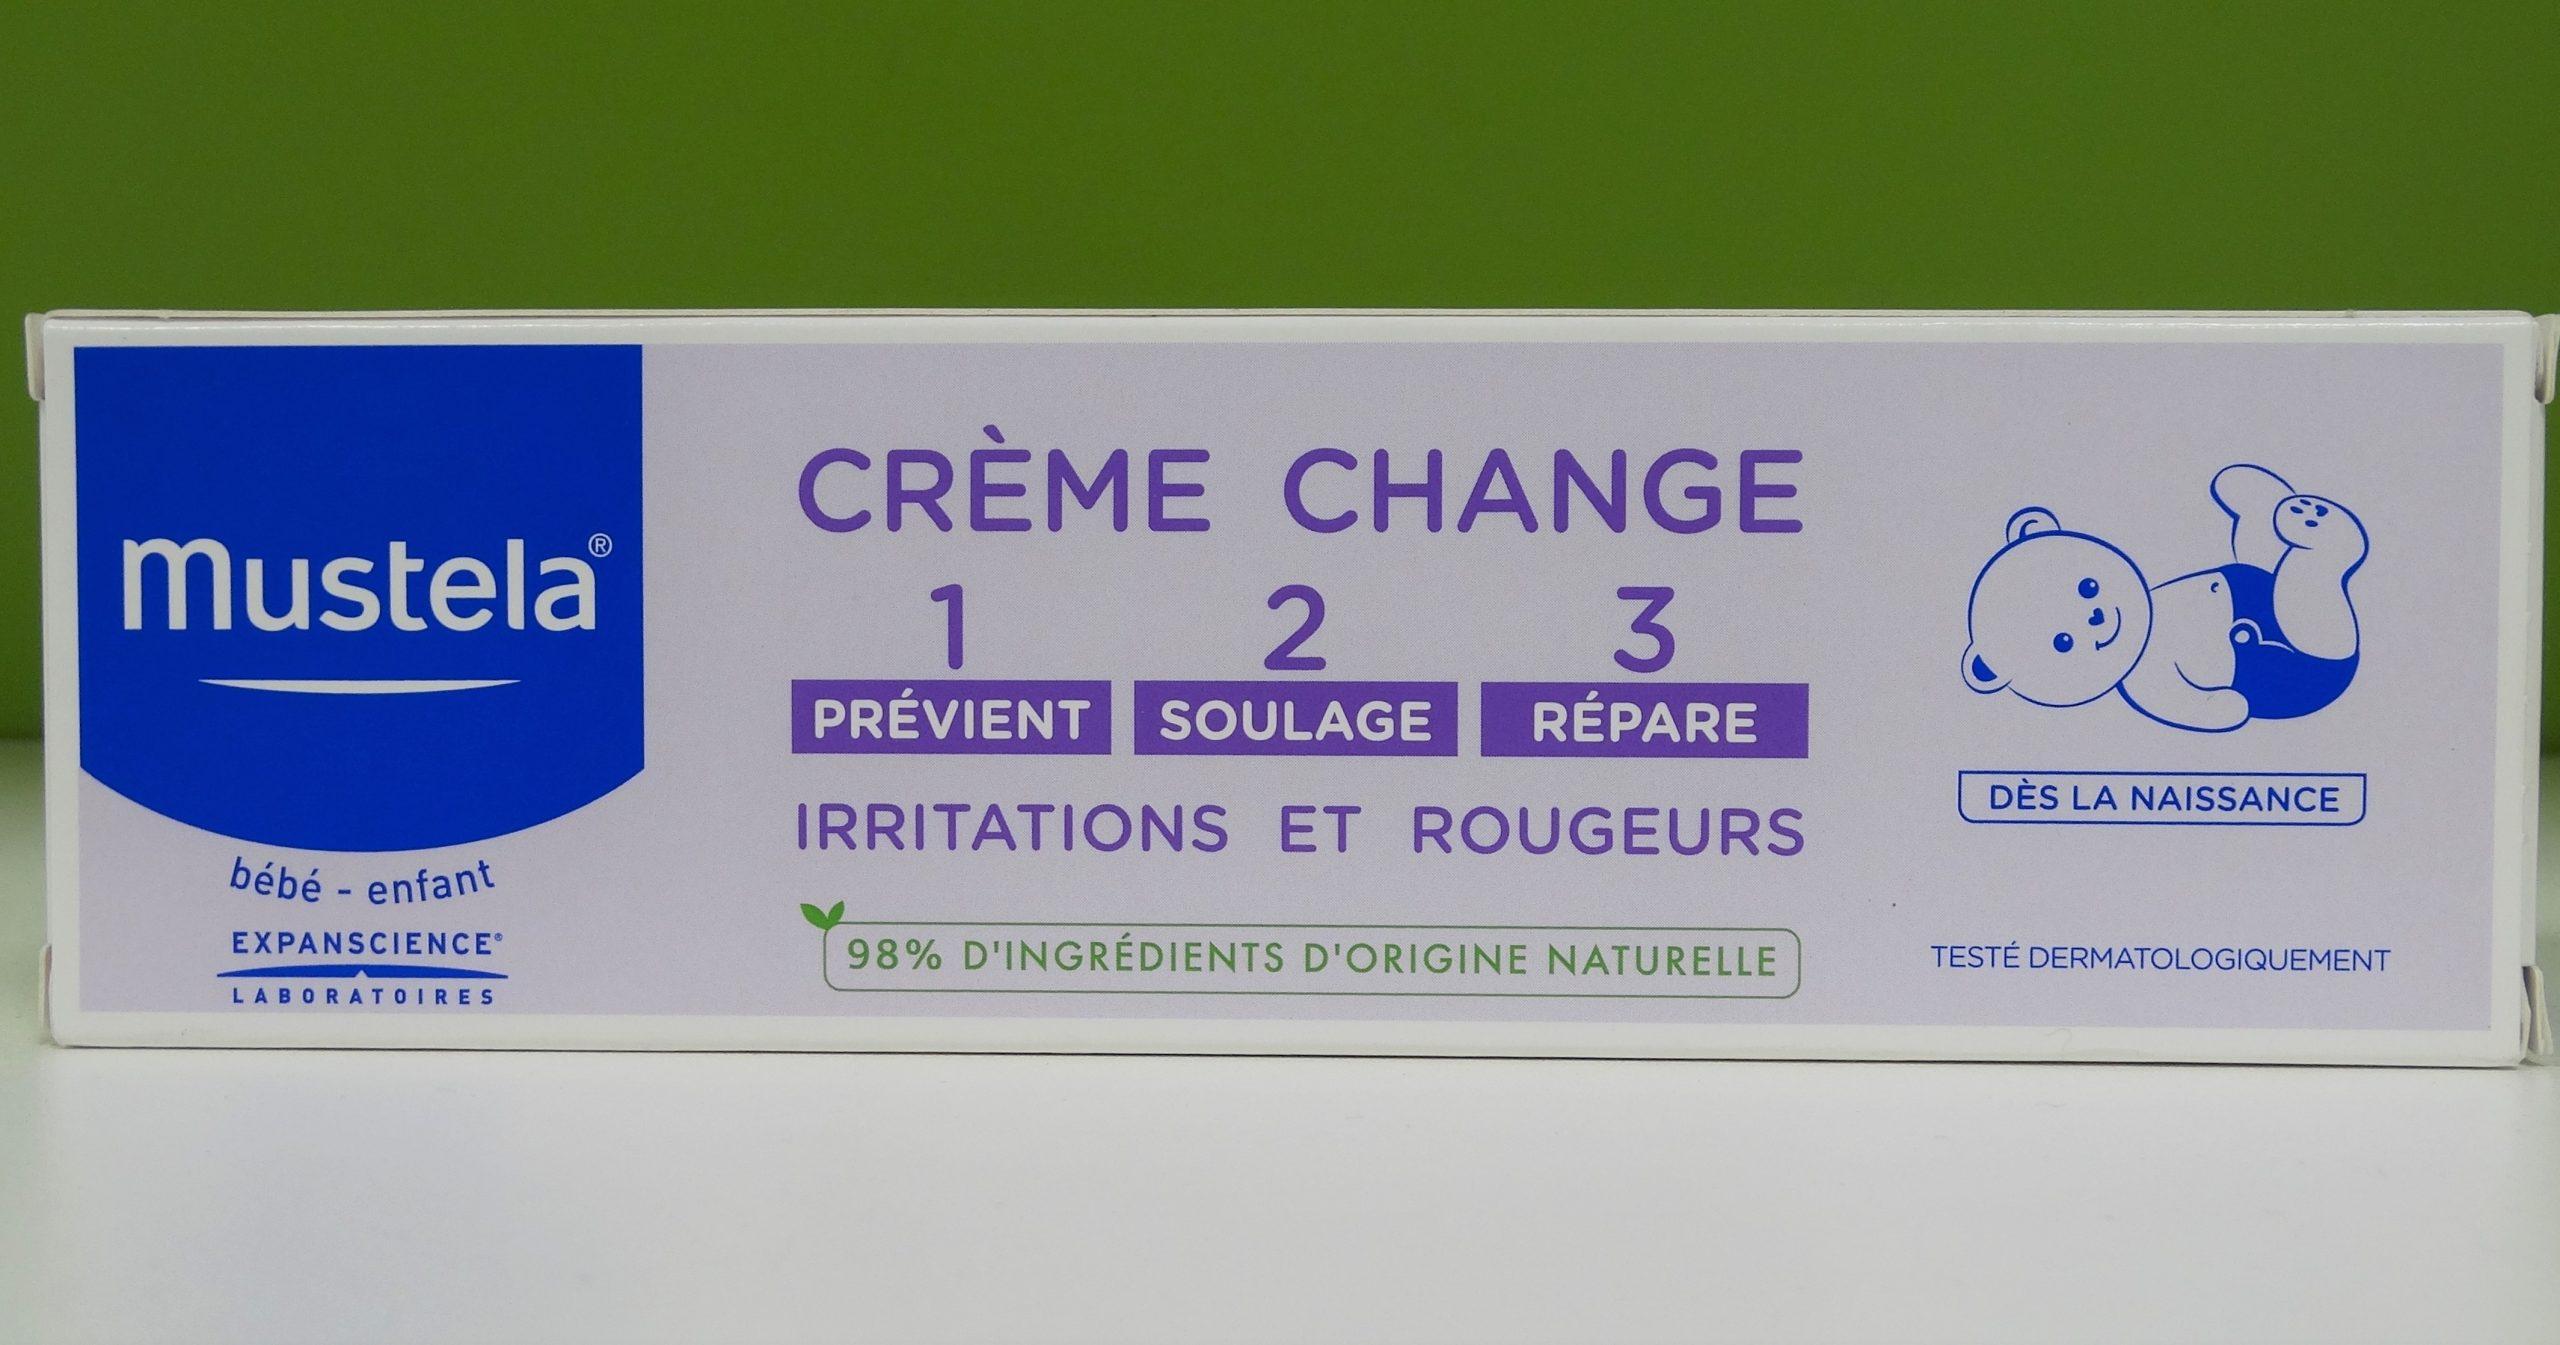 Mustela - Bébé crème change 1-2-3 - 50 ml Soin complet de l'épiderme fessier dès la naissance : préviens, soulage et répare